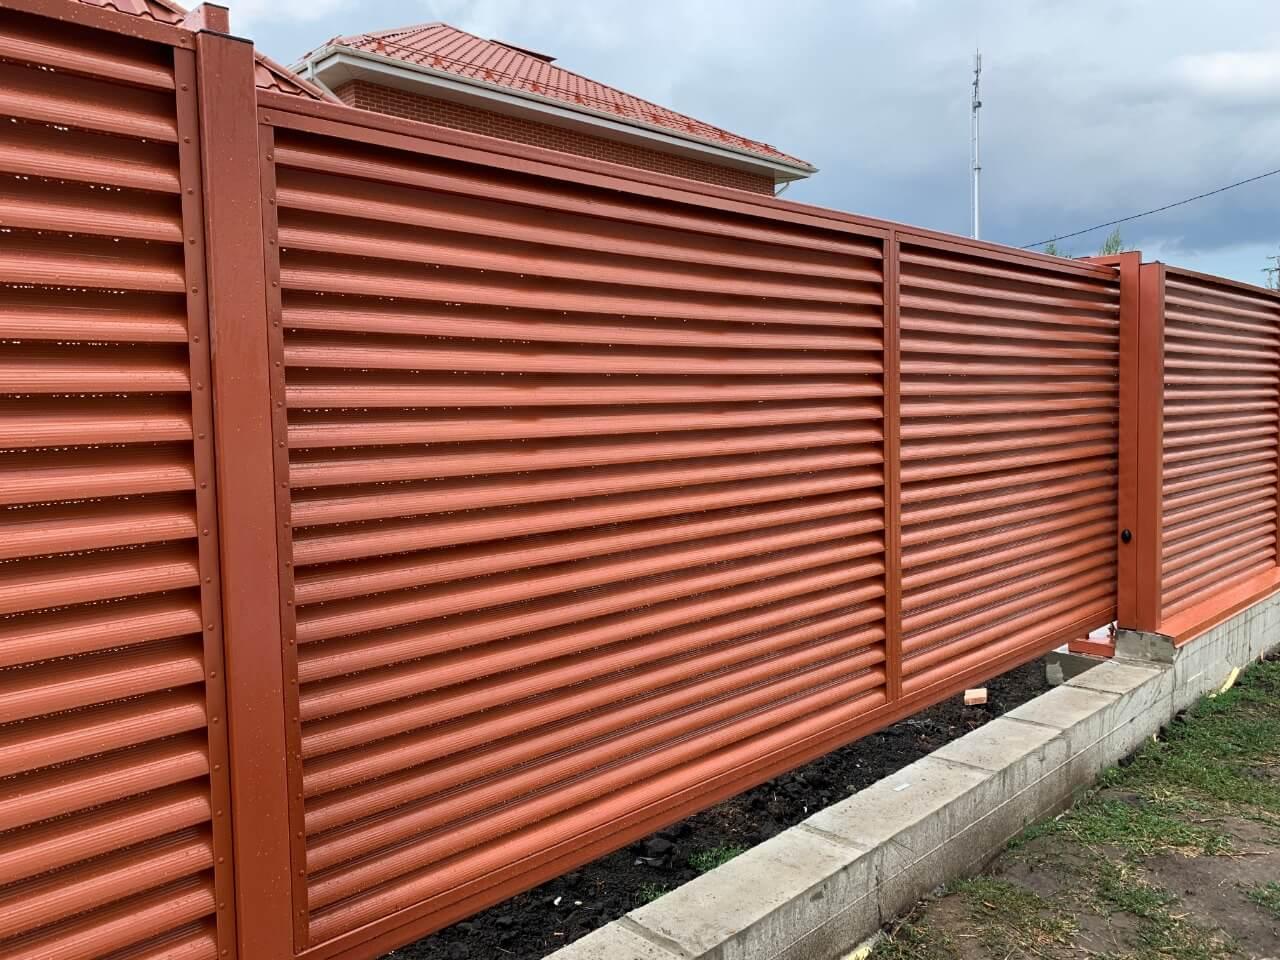 забор-жалюзи терракотовый фото3